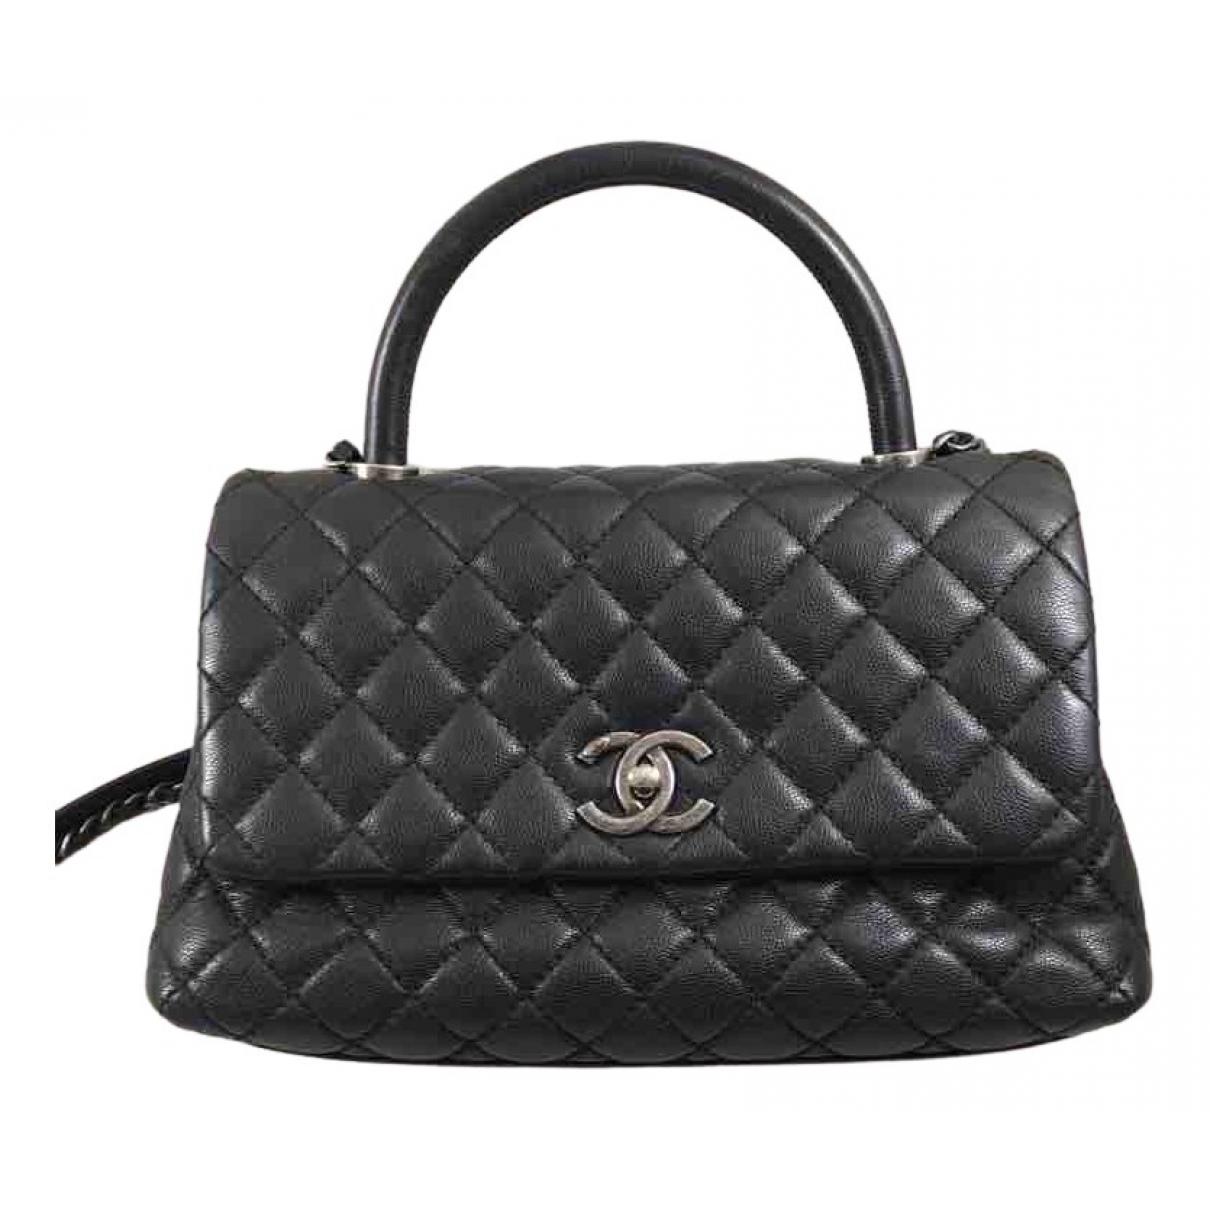 Chanel - Sac a main Coco Handle pour femme en cuir - noir